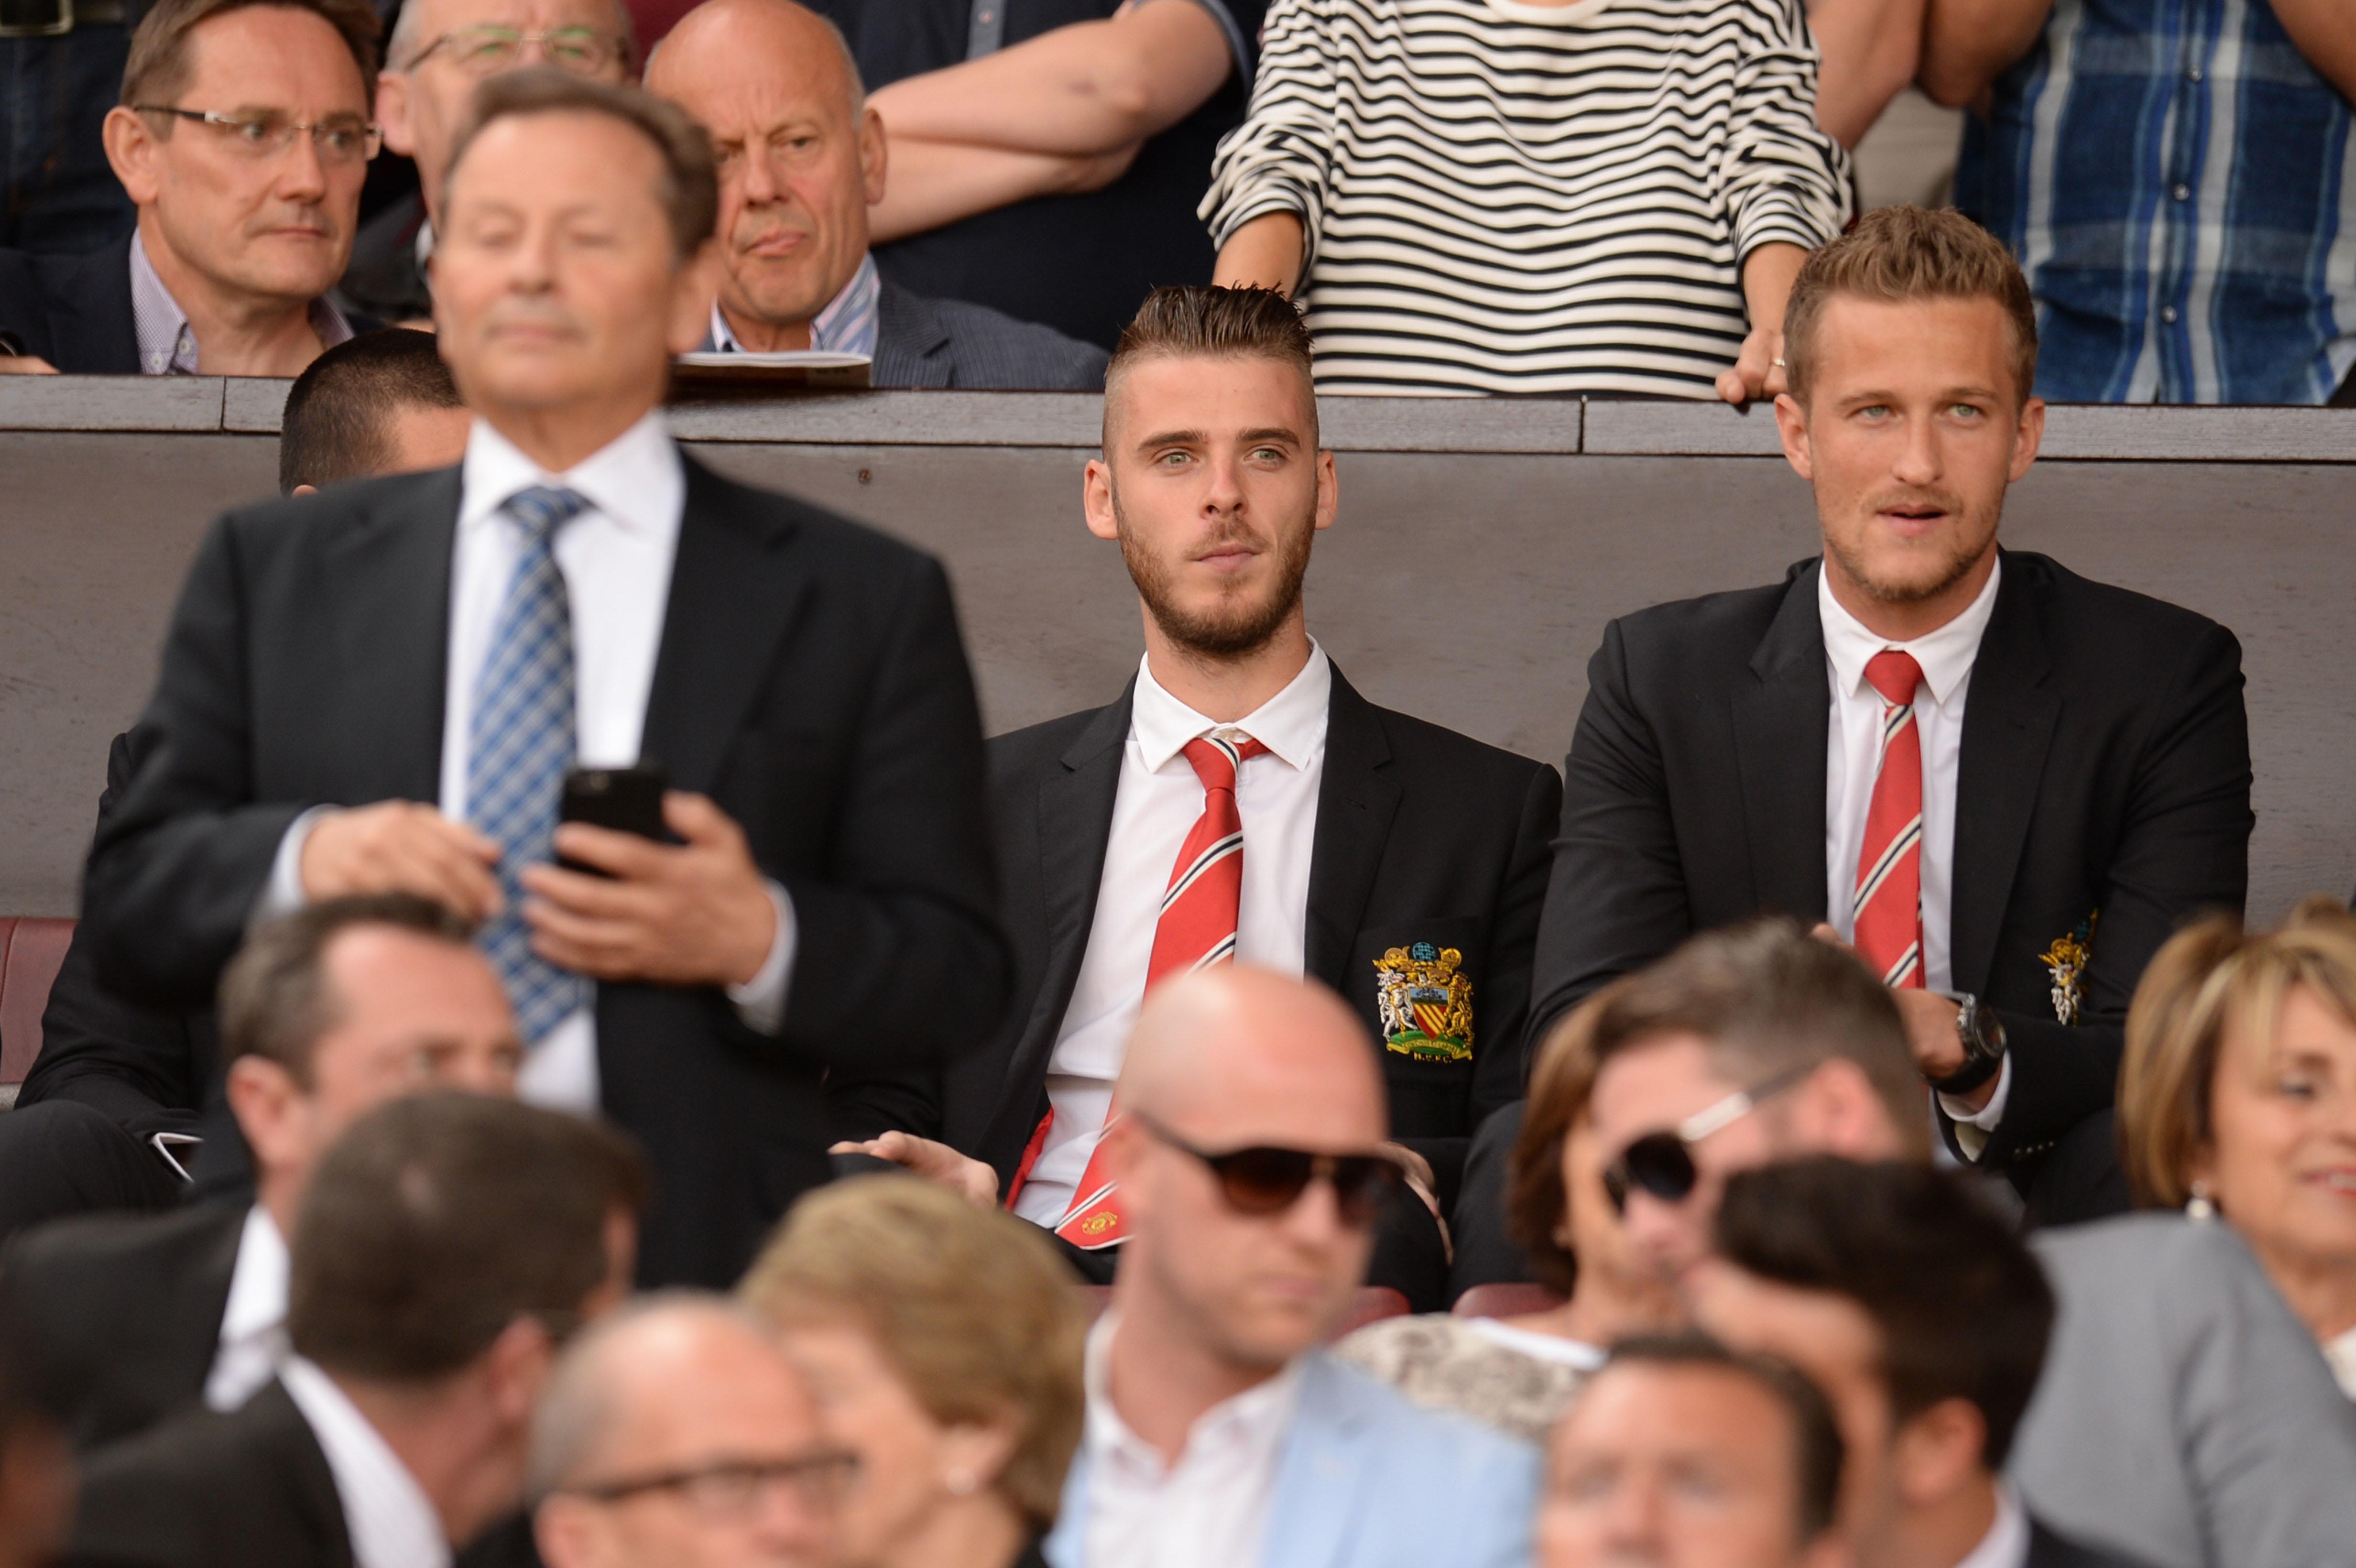 David De Gea guarda i compagni del Man United dalla tribuna durante il match contro il Tottenham